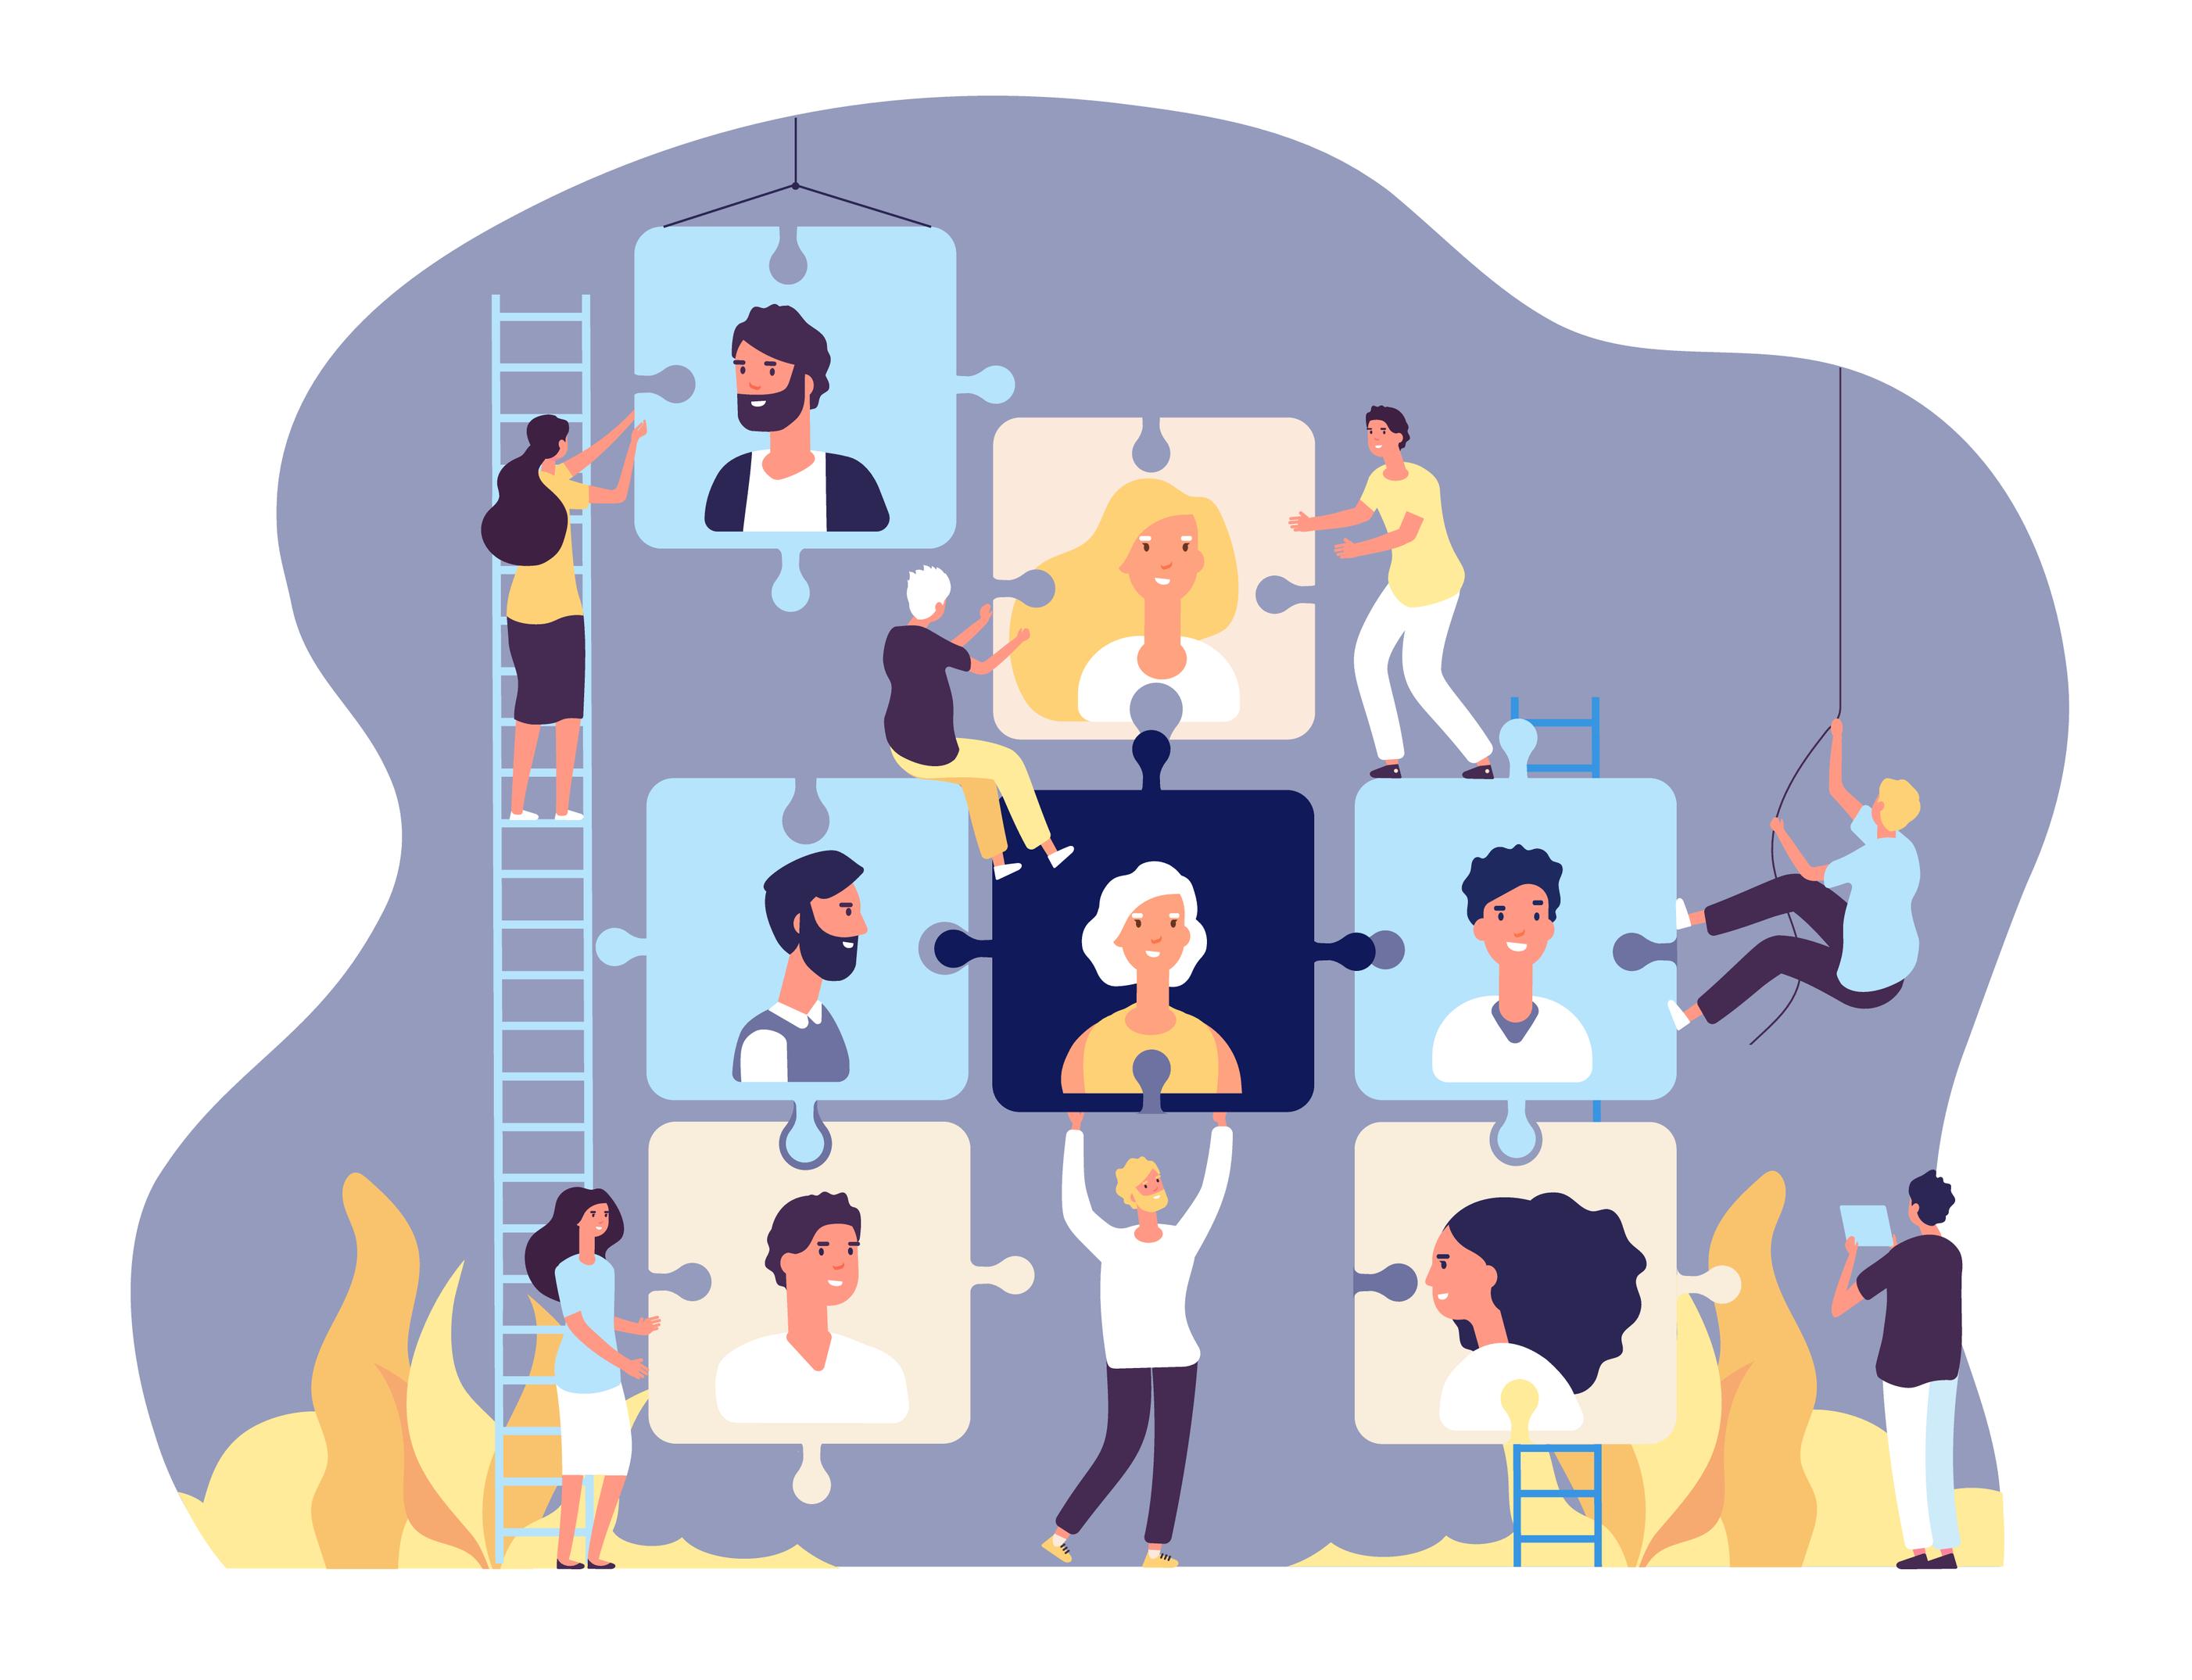 Uma escada à esquerda com duas mulheres colocando peças de quebra-cabeça com rostos de funcionários, no centro uma mulher embaixo das peças e à direita uma escada menor e uns homens ajudando na organização.